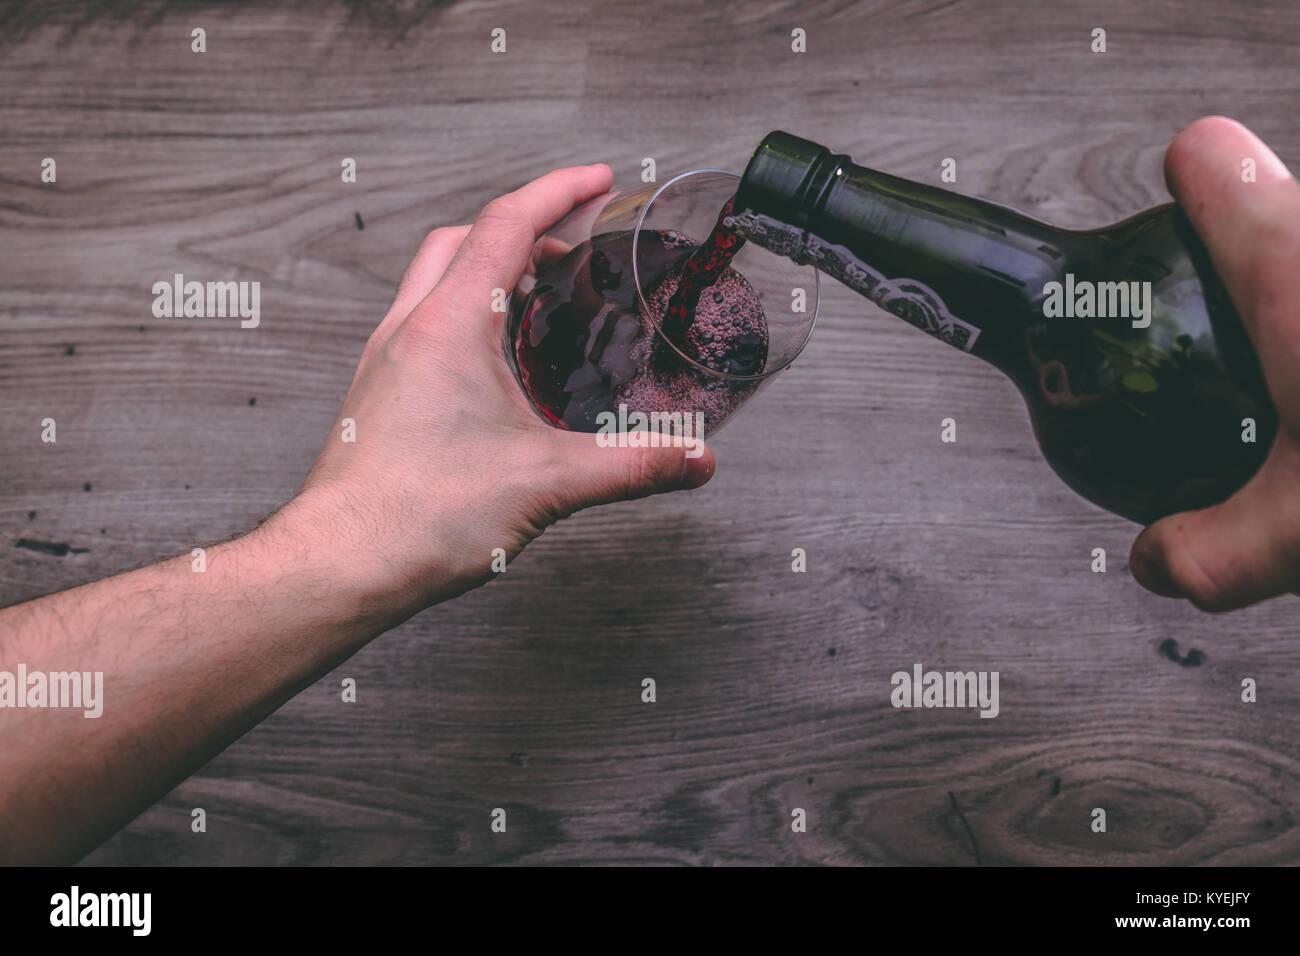 Blick von oben auf eine Hand mit einem Rotwein Flasche und gießt es in ein Glas Stockbild